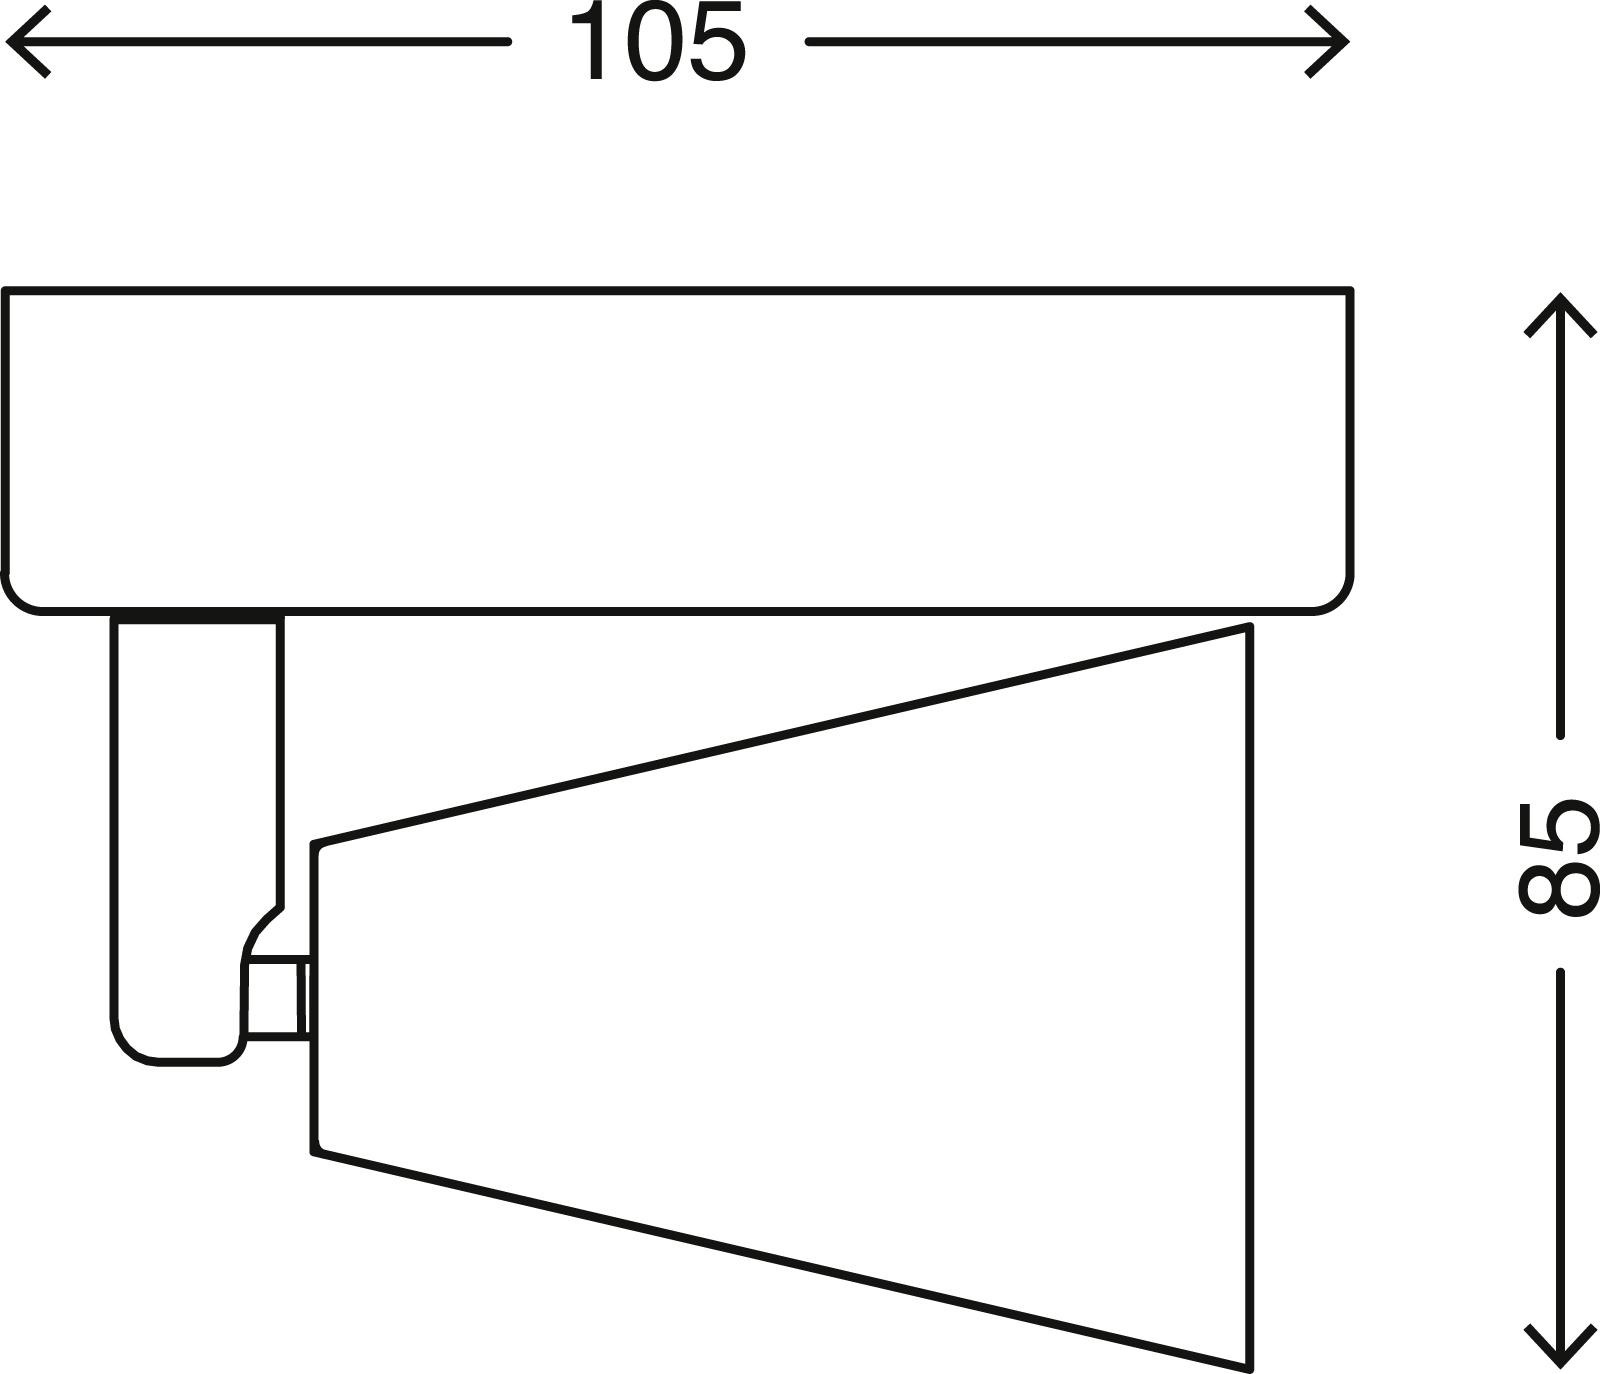 LED Spot Wandleuchte, 10,5 cm, 5 W, Matt-Nickel